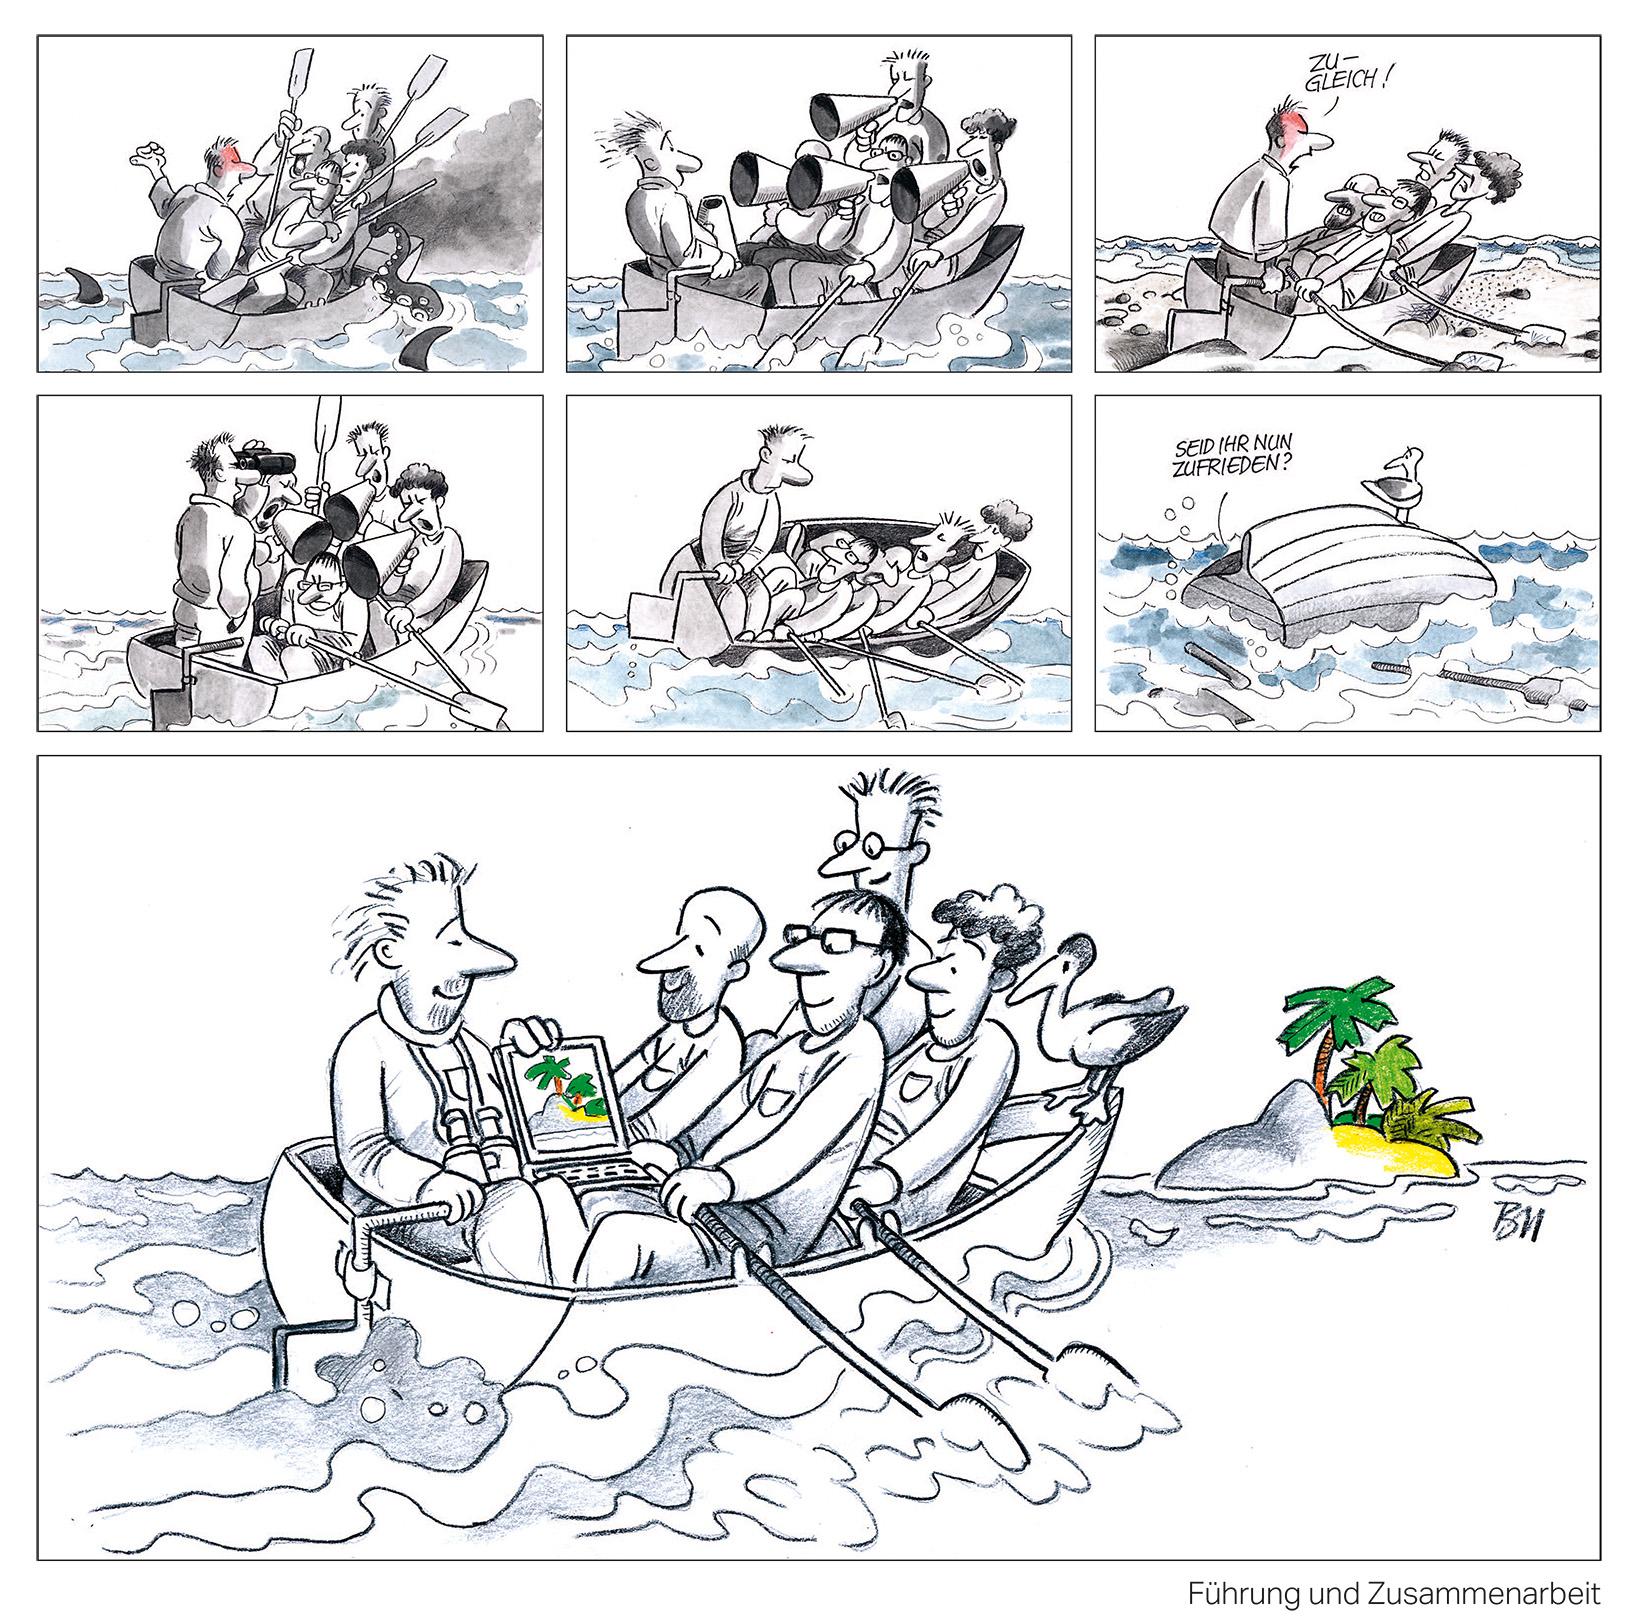 Jeder hat seine eigene Vorstellung von Führung. Illustration: Sepp Buchegger